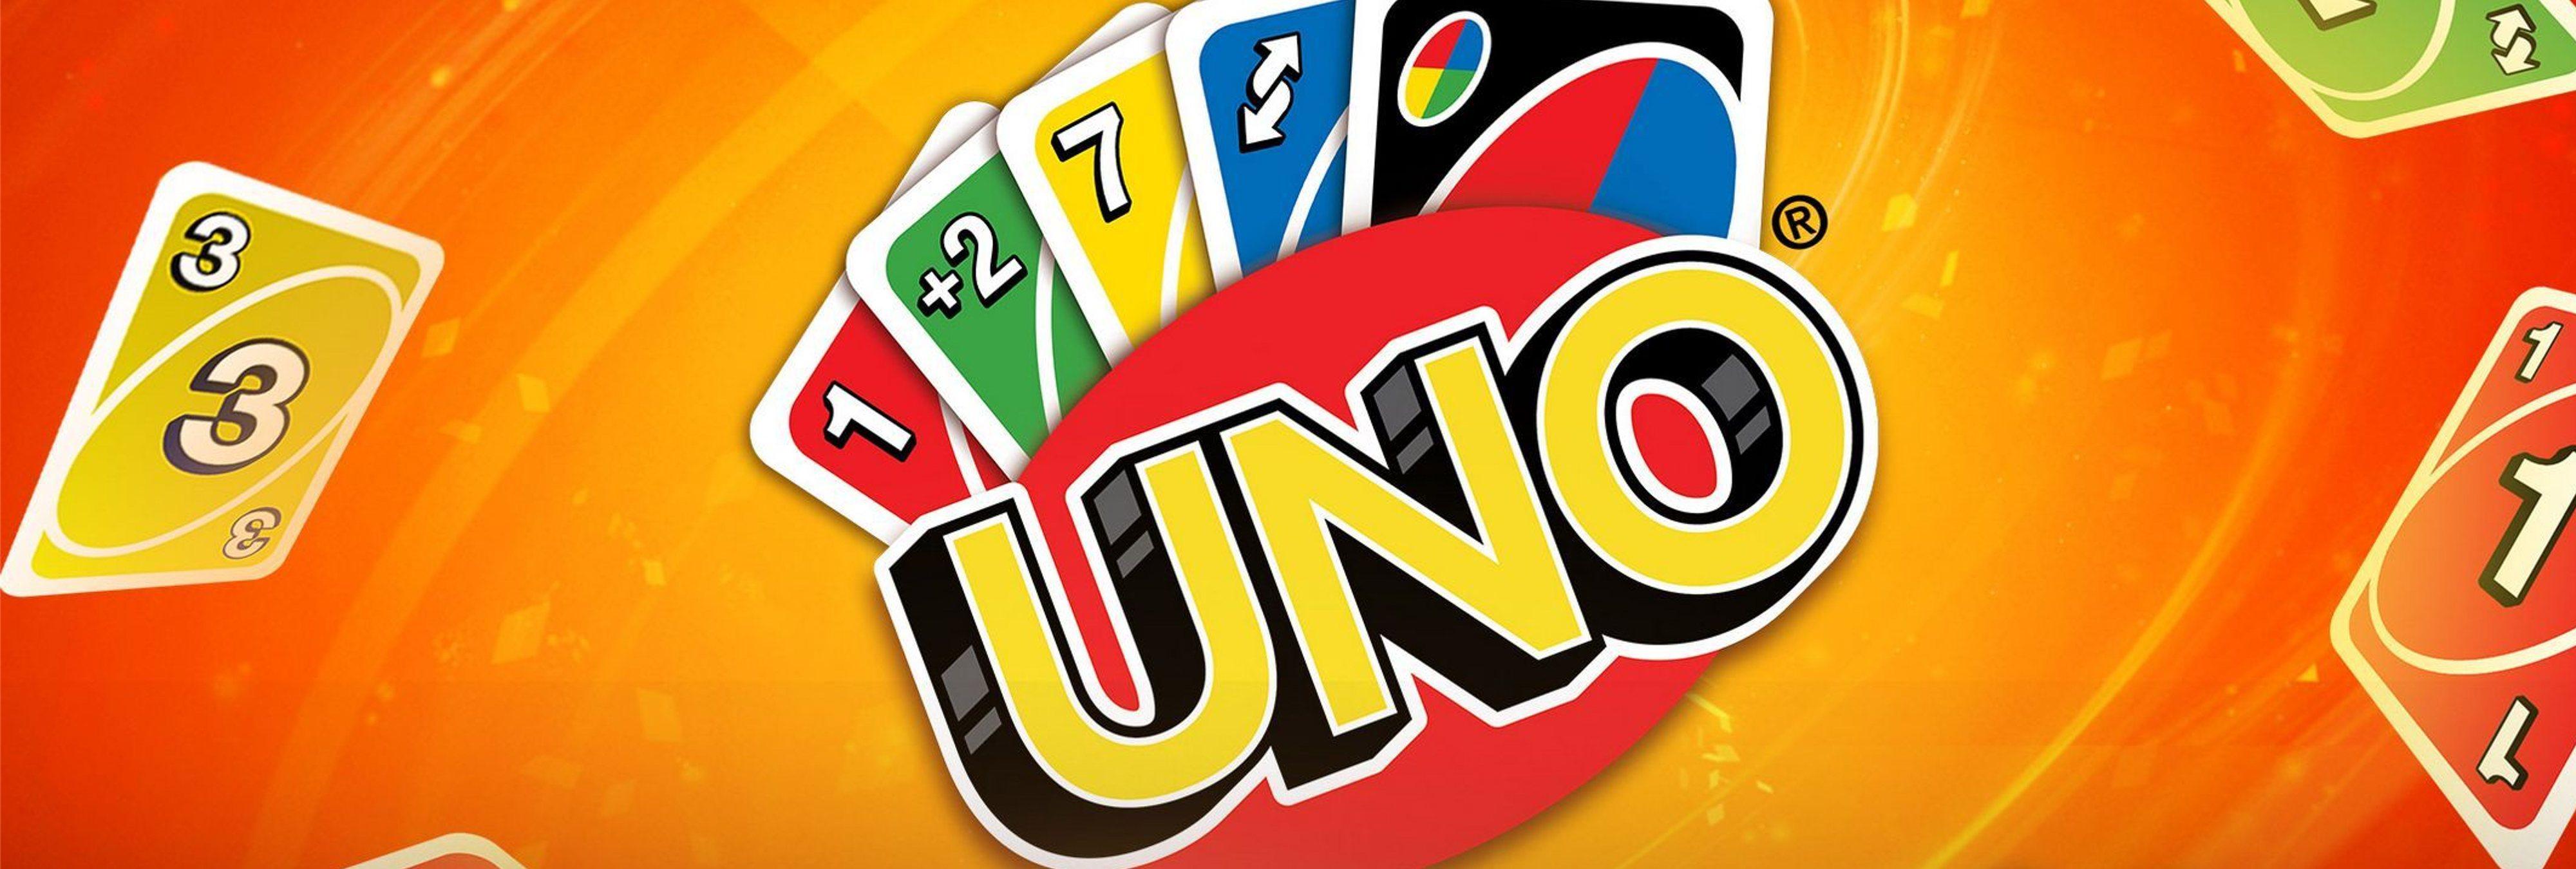 Has estado jugando mal a UNO todo este tiempo: sus creadores revelan una trampa universal